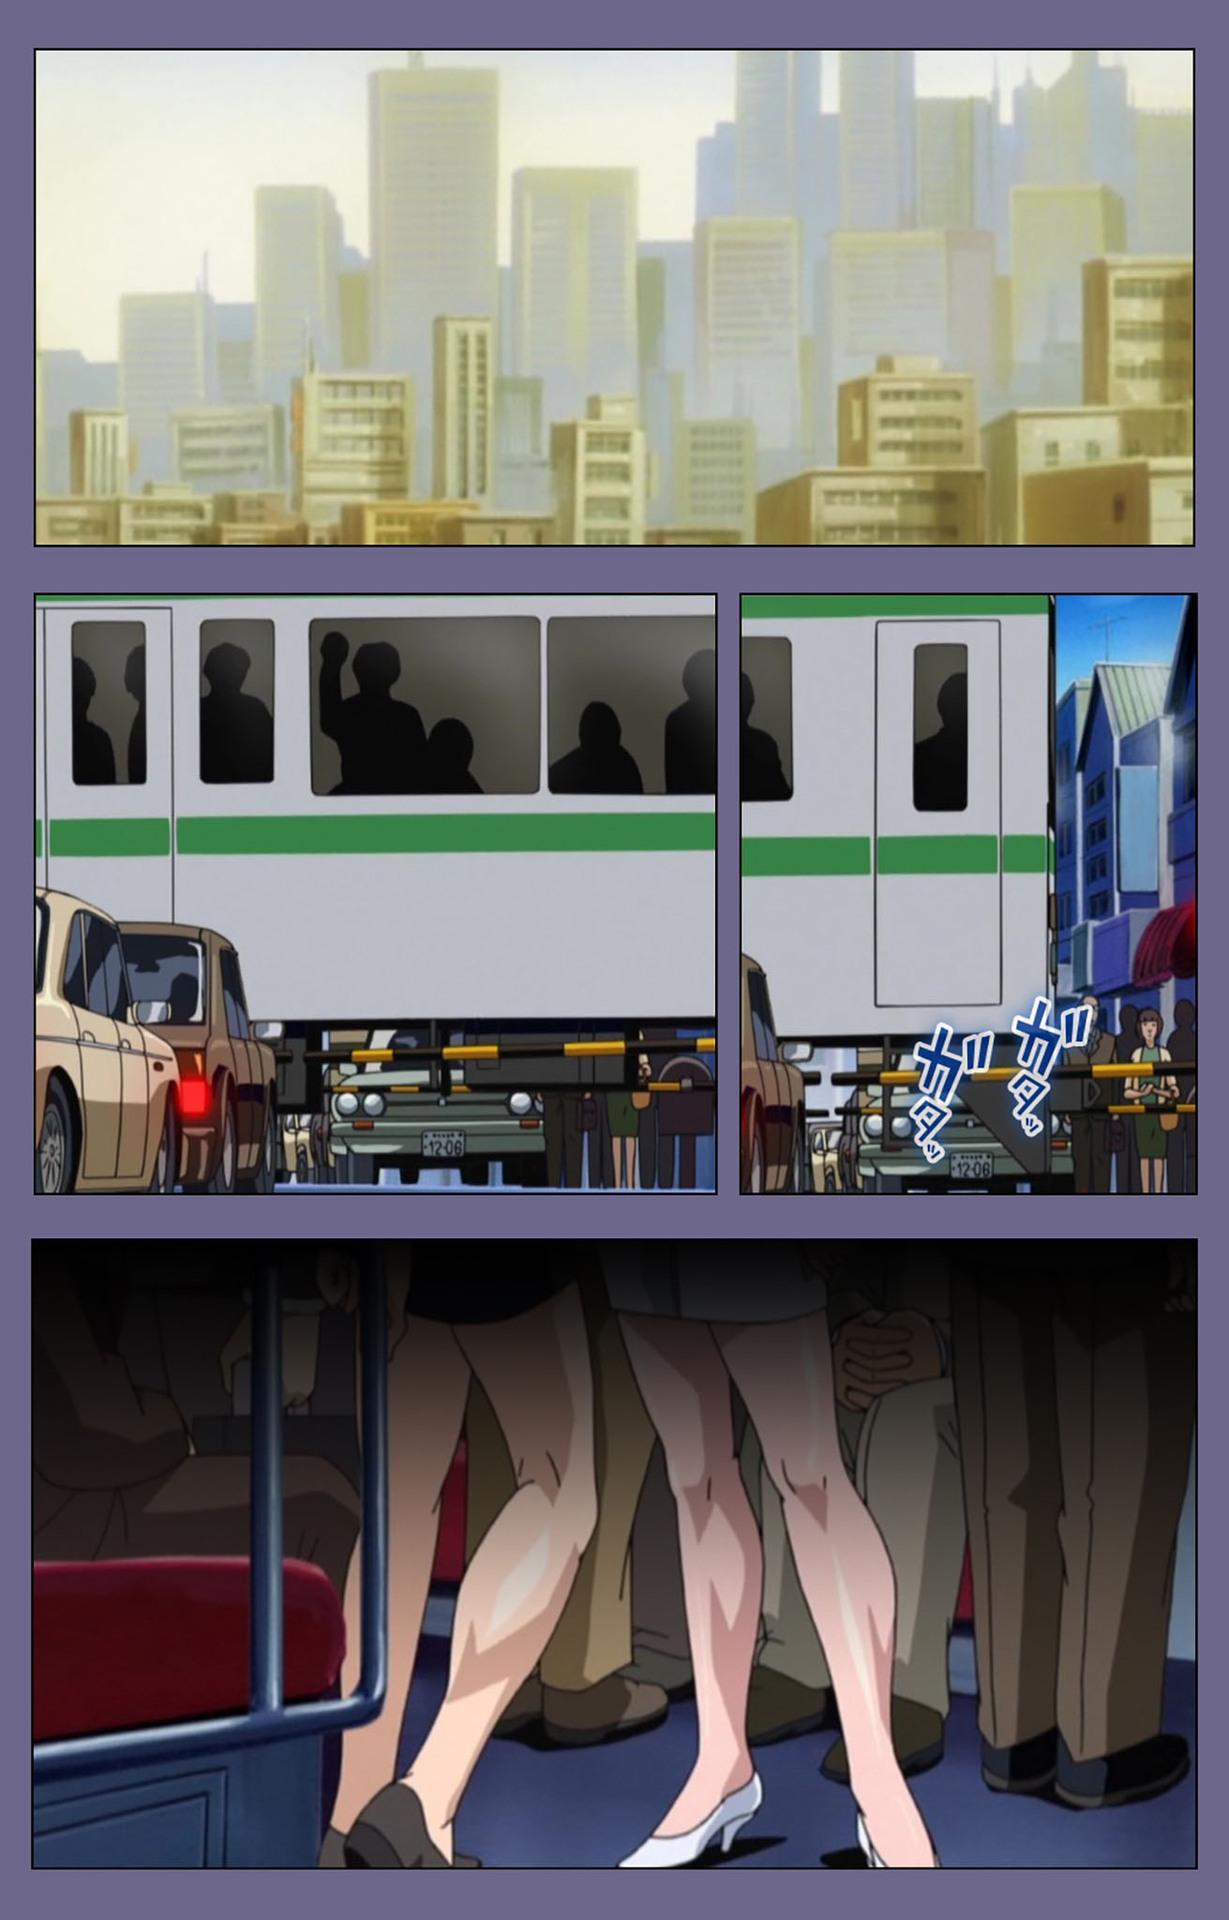 Itazura kanzenhan 48